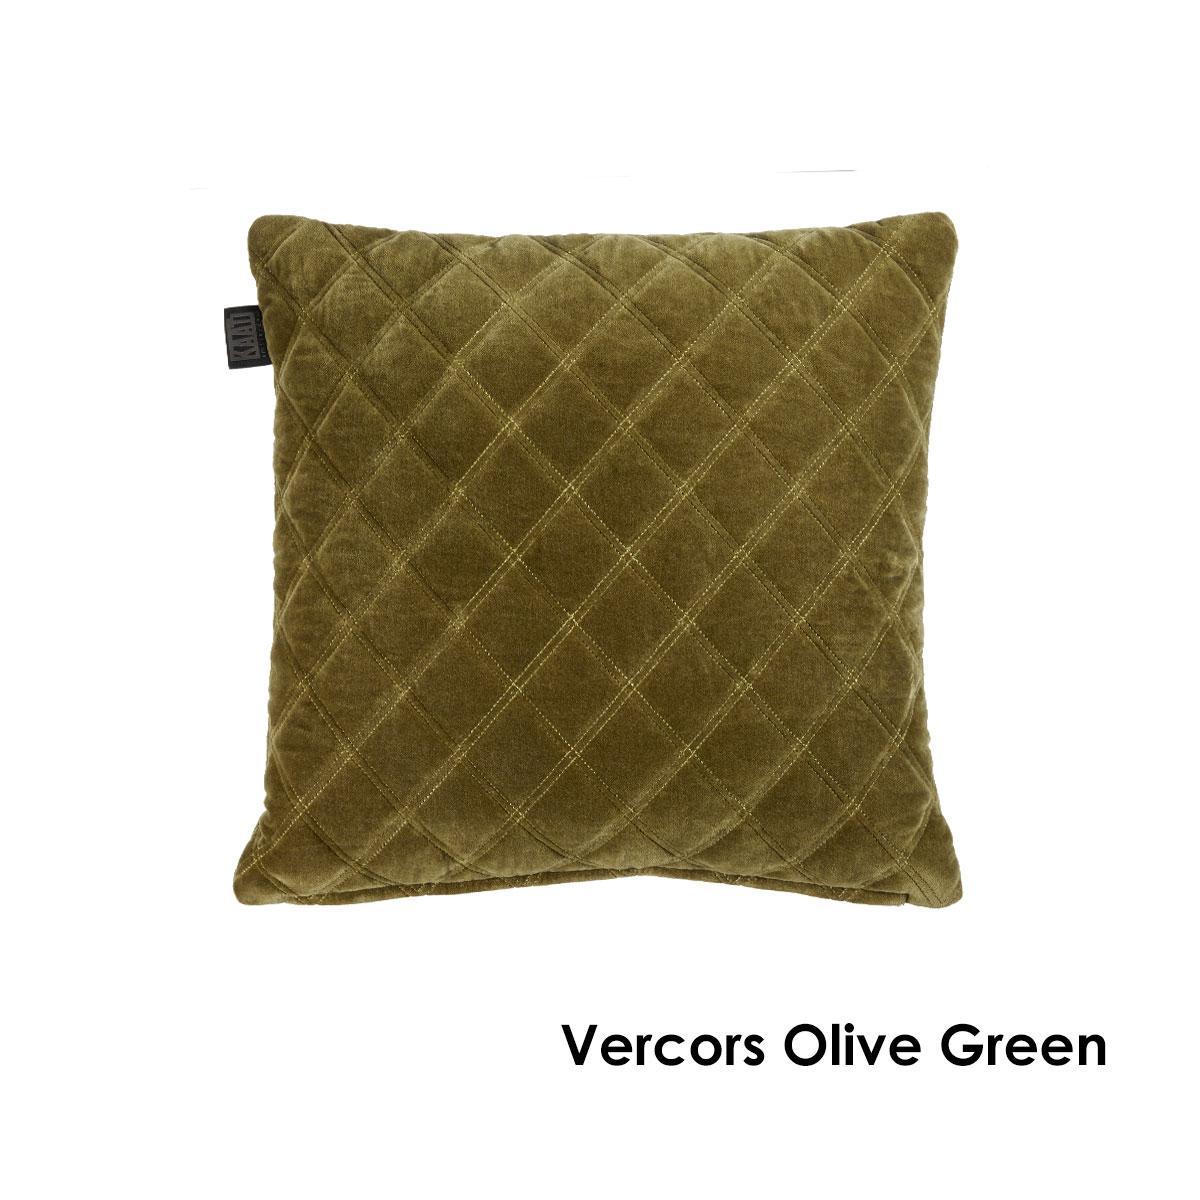 Vercors Luxury Cotton Velvet Filled Square Cushion Olive Green Matt Blatt